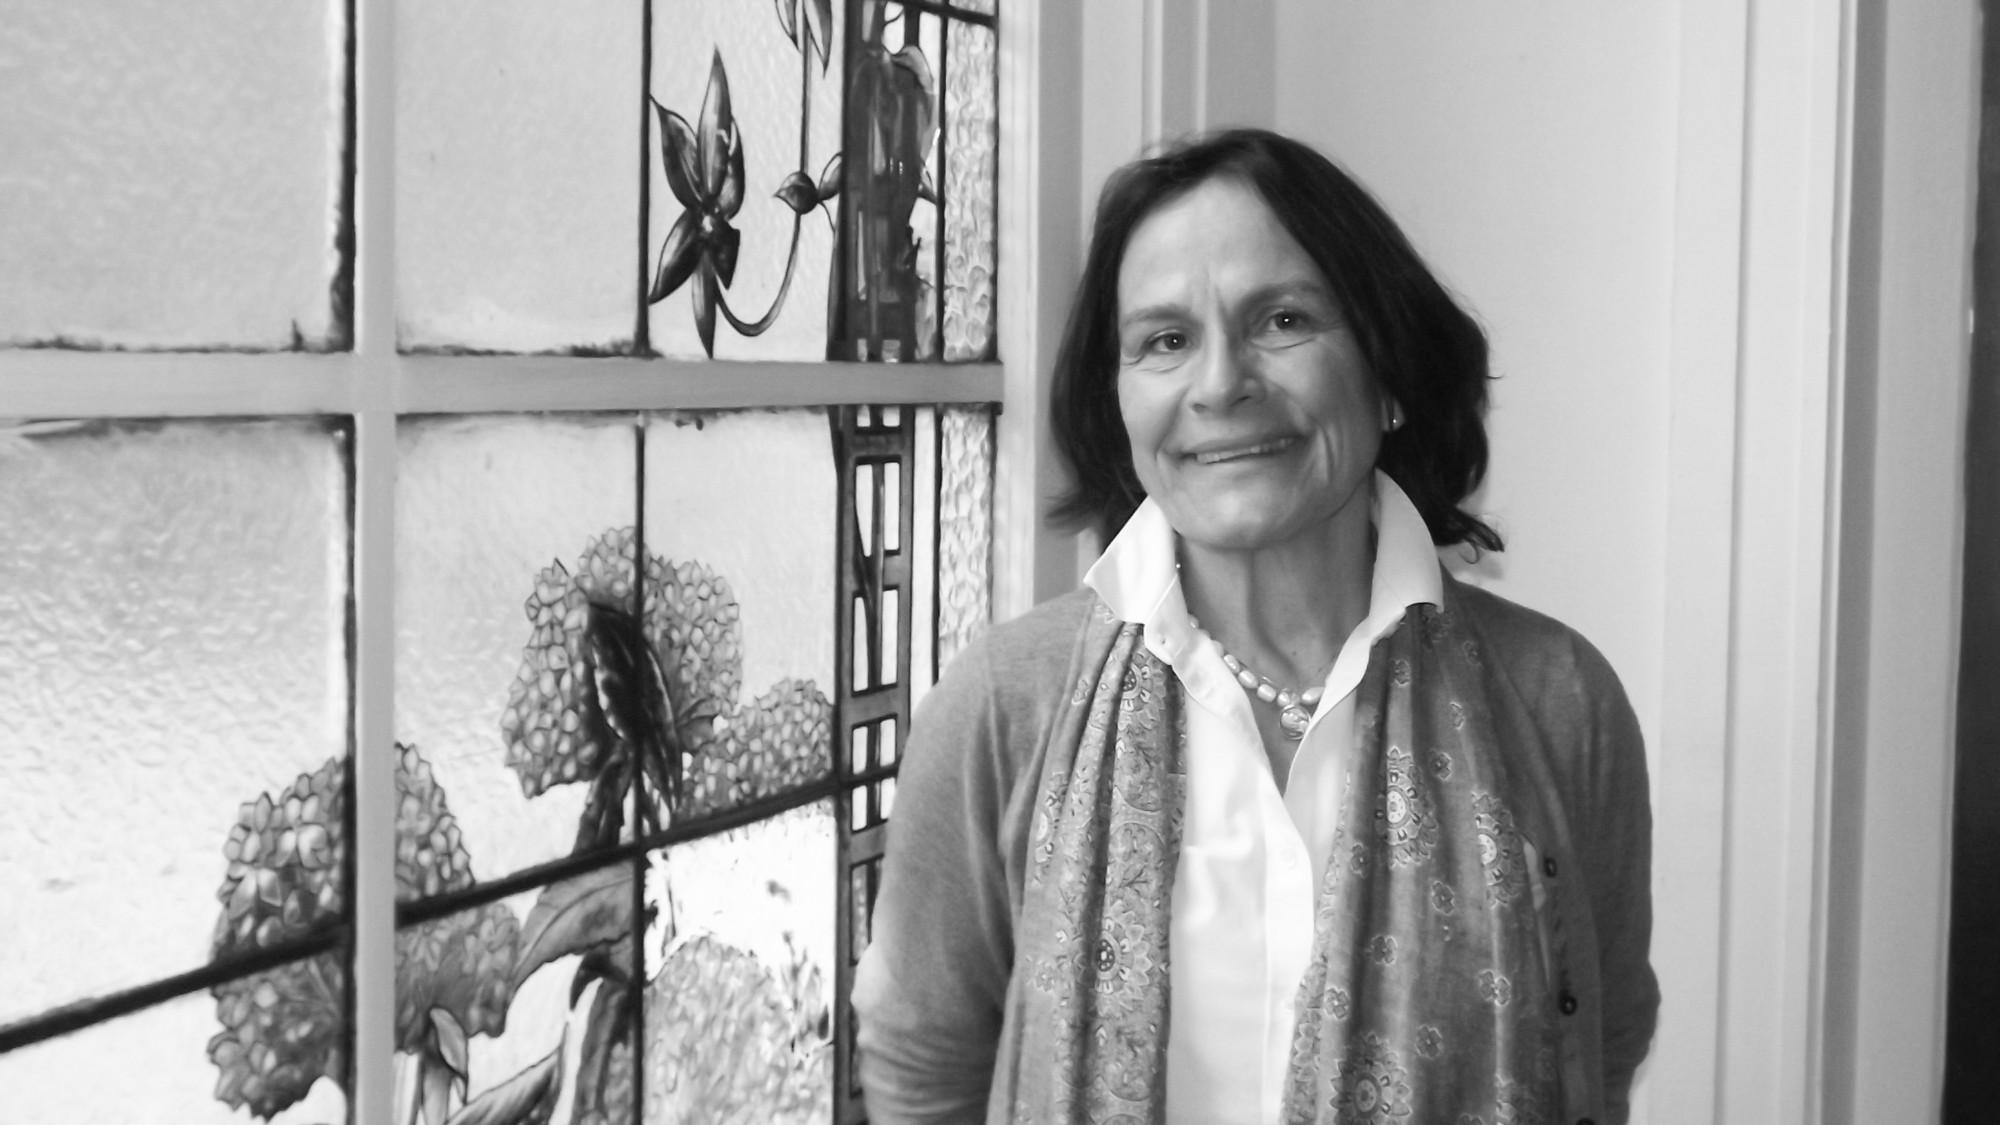 Chile: Pilar Urrejola, nueva presidenta del Colegio de Arquitectos, Pilar Urrejola. Image Cortesia de Colegio de Arquitectos